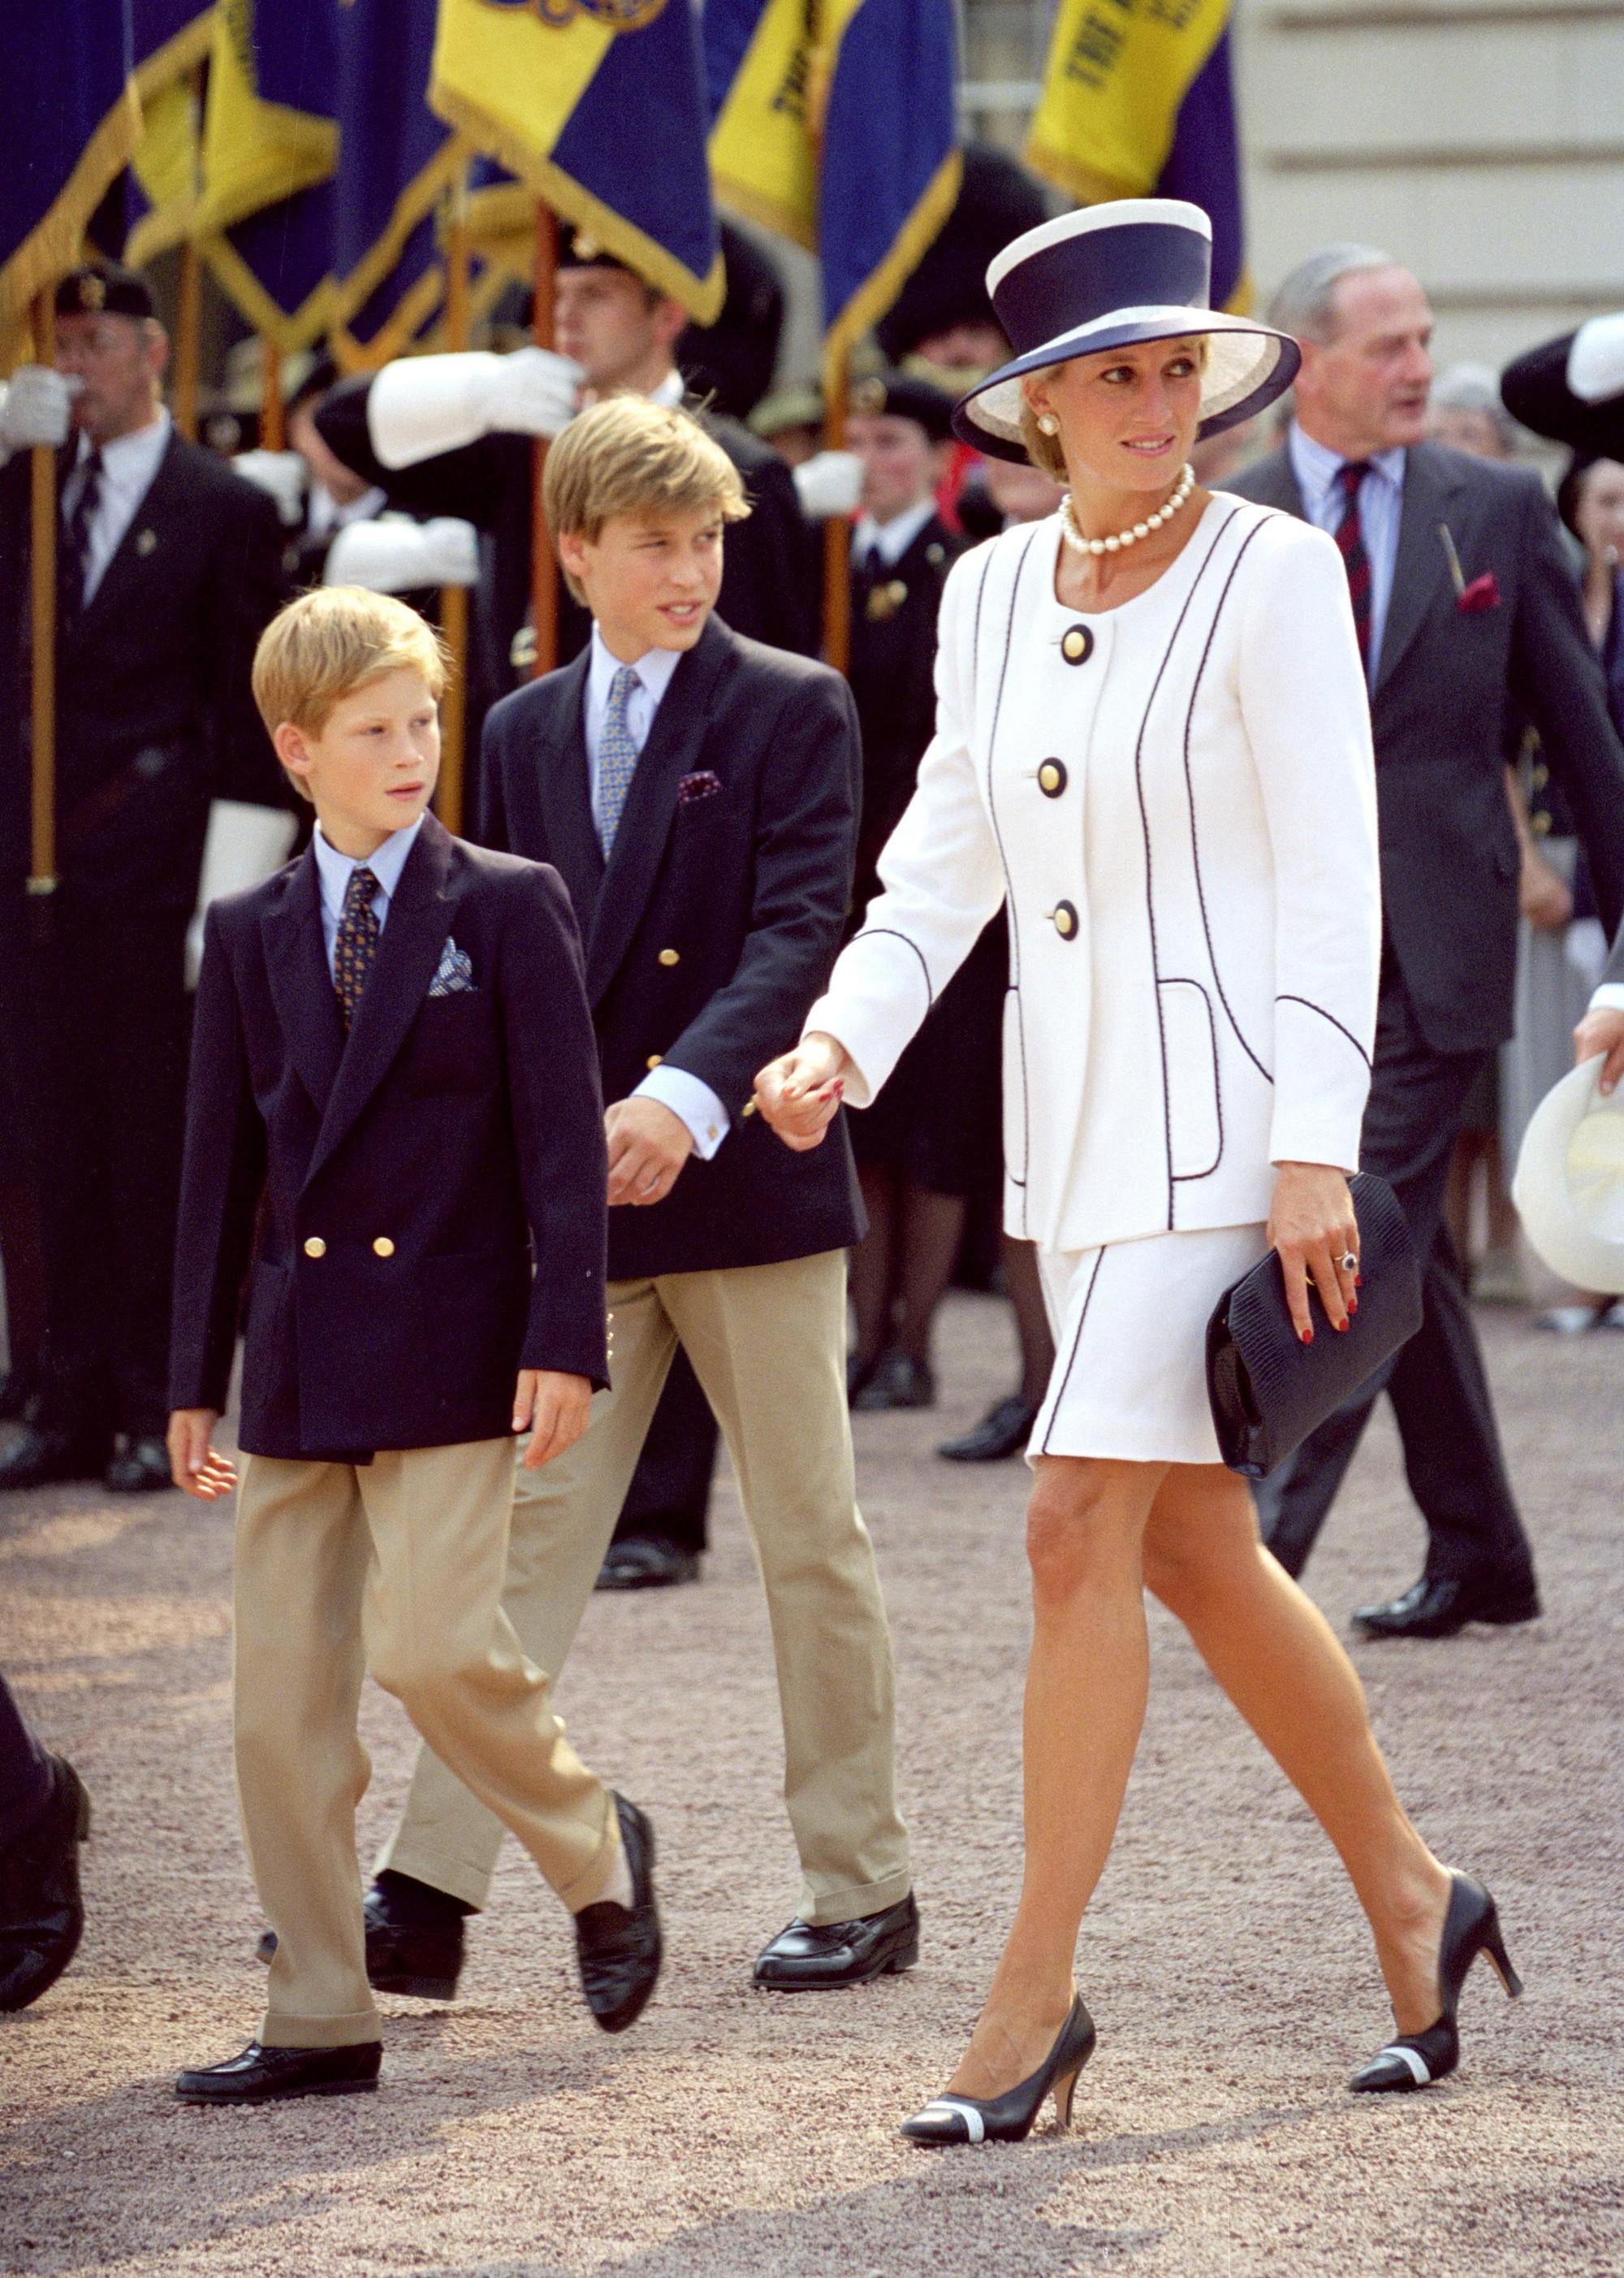 Giật mình với bộ đồ mà Đệ nhất Phu nhân Mỹ chọn khi đi cùng bà Camilla, liệu chúng ta đang nhìn thấy hình ảnh Công nương Diana? - Ảnh 4.